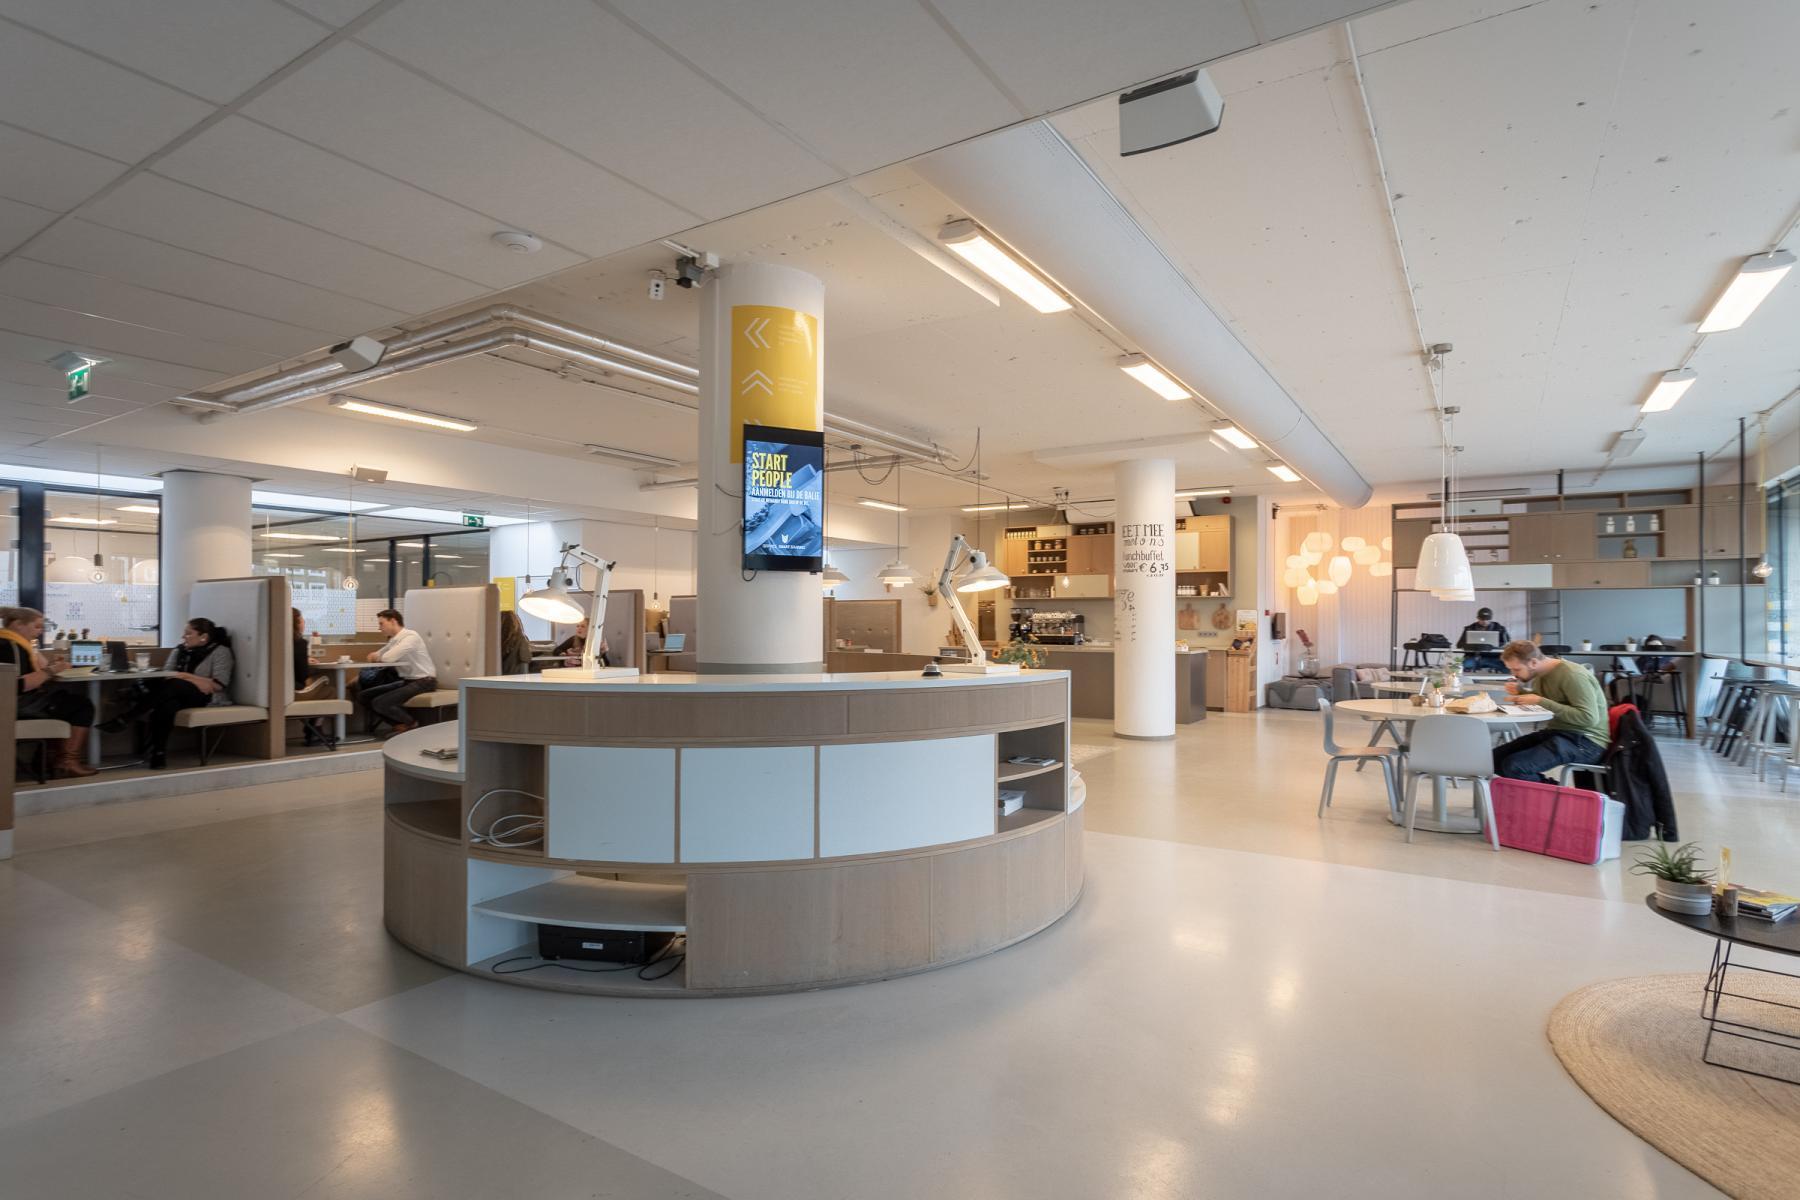 receptie centrale hal Arnhem kantoorruimte jansbuitensingel parkeren mogelijk prive parkeerplaats parkeergarage